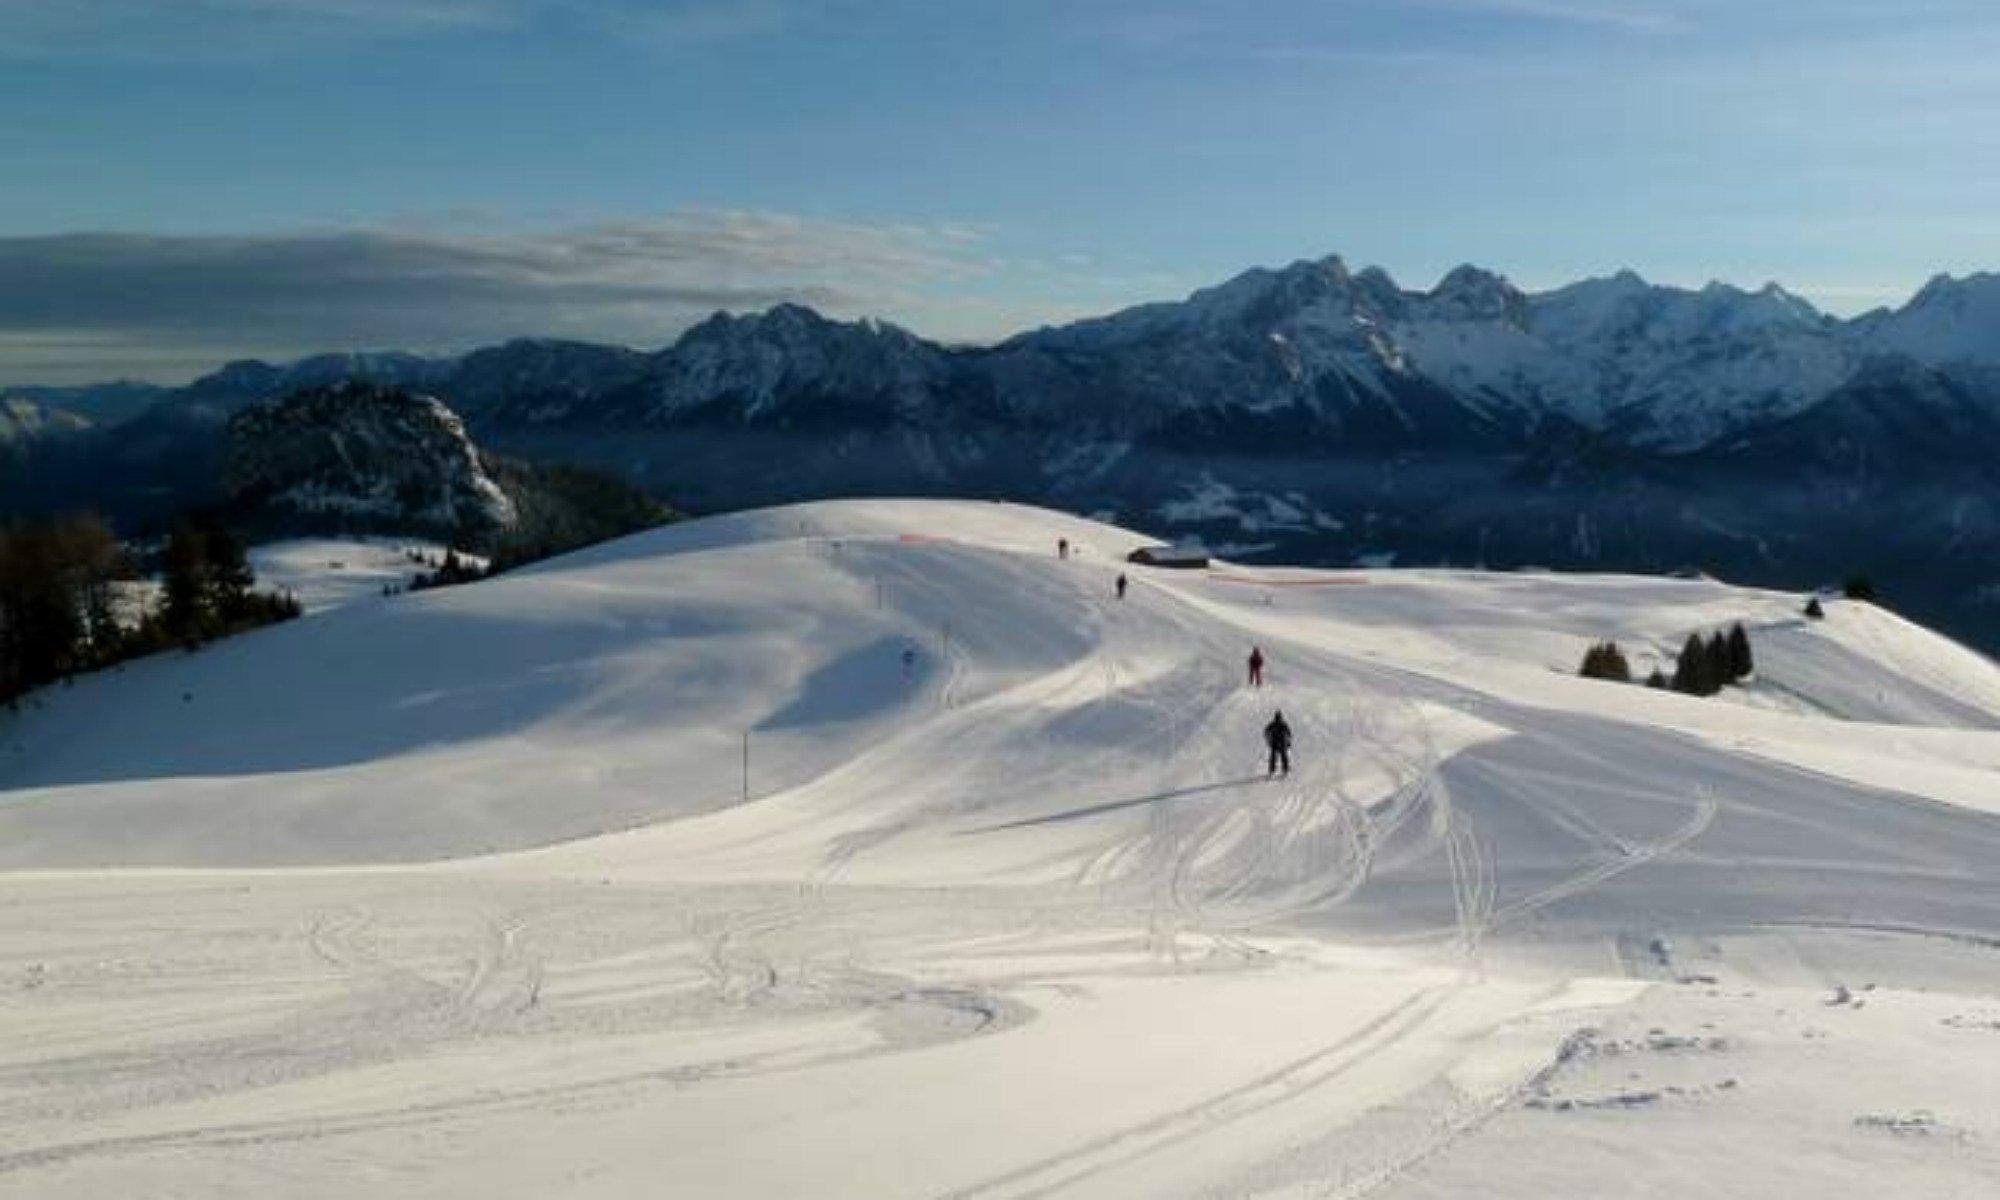 Bergpanorama in Lofer von der Schwarzeck Skipiste aus.